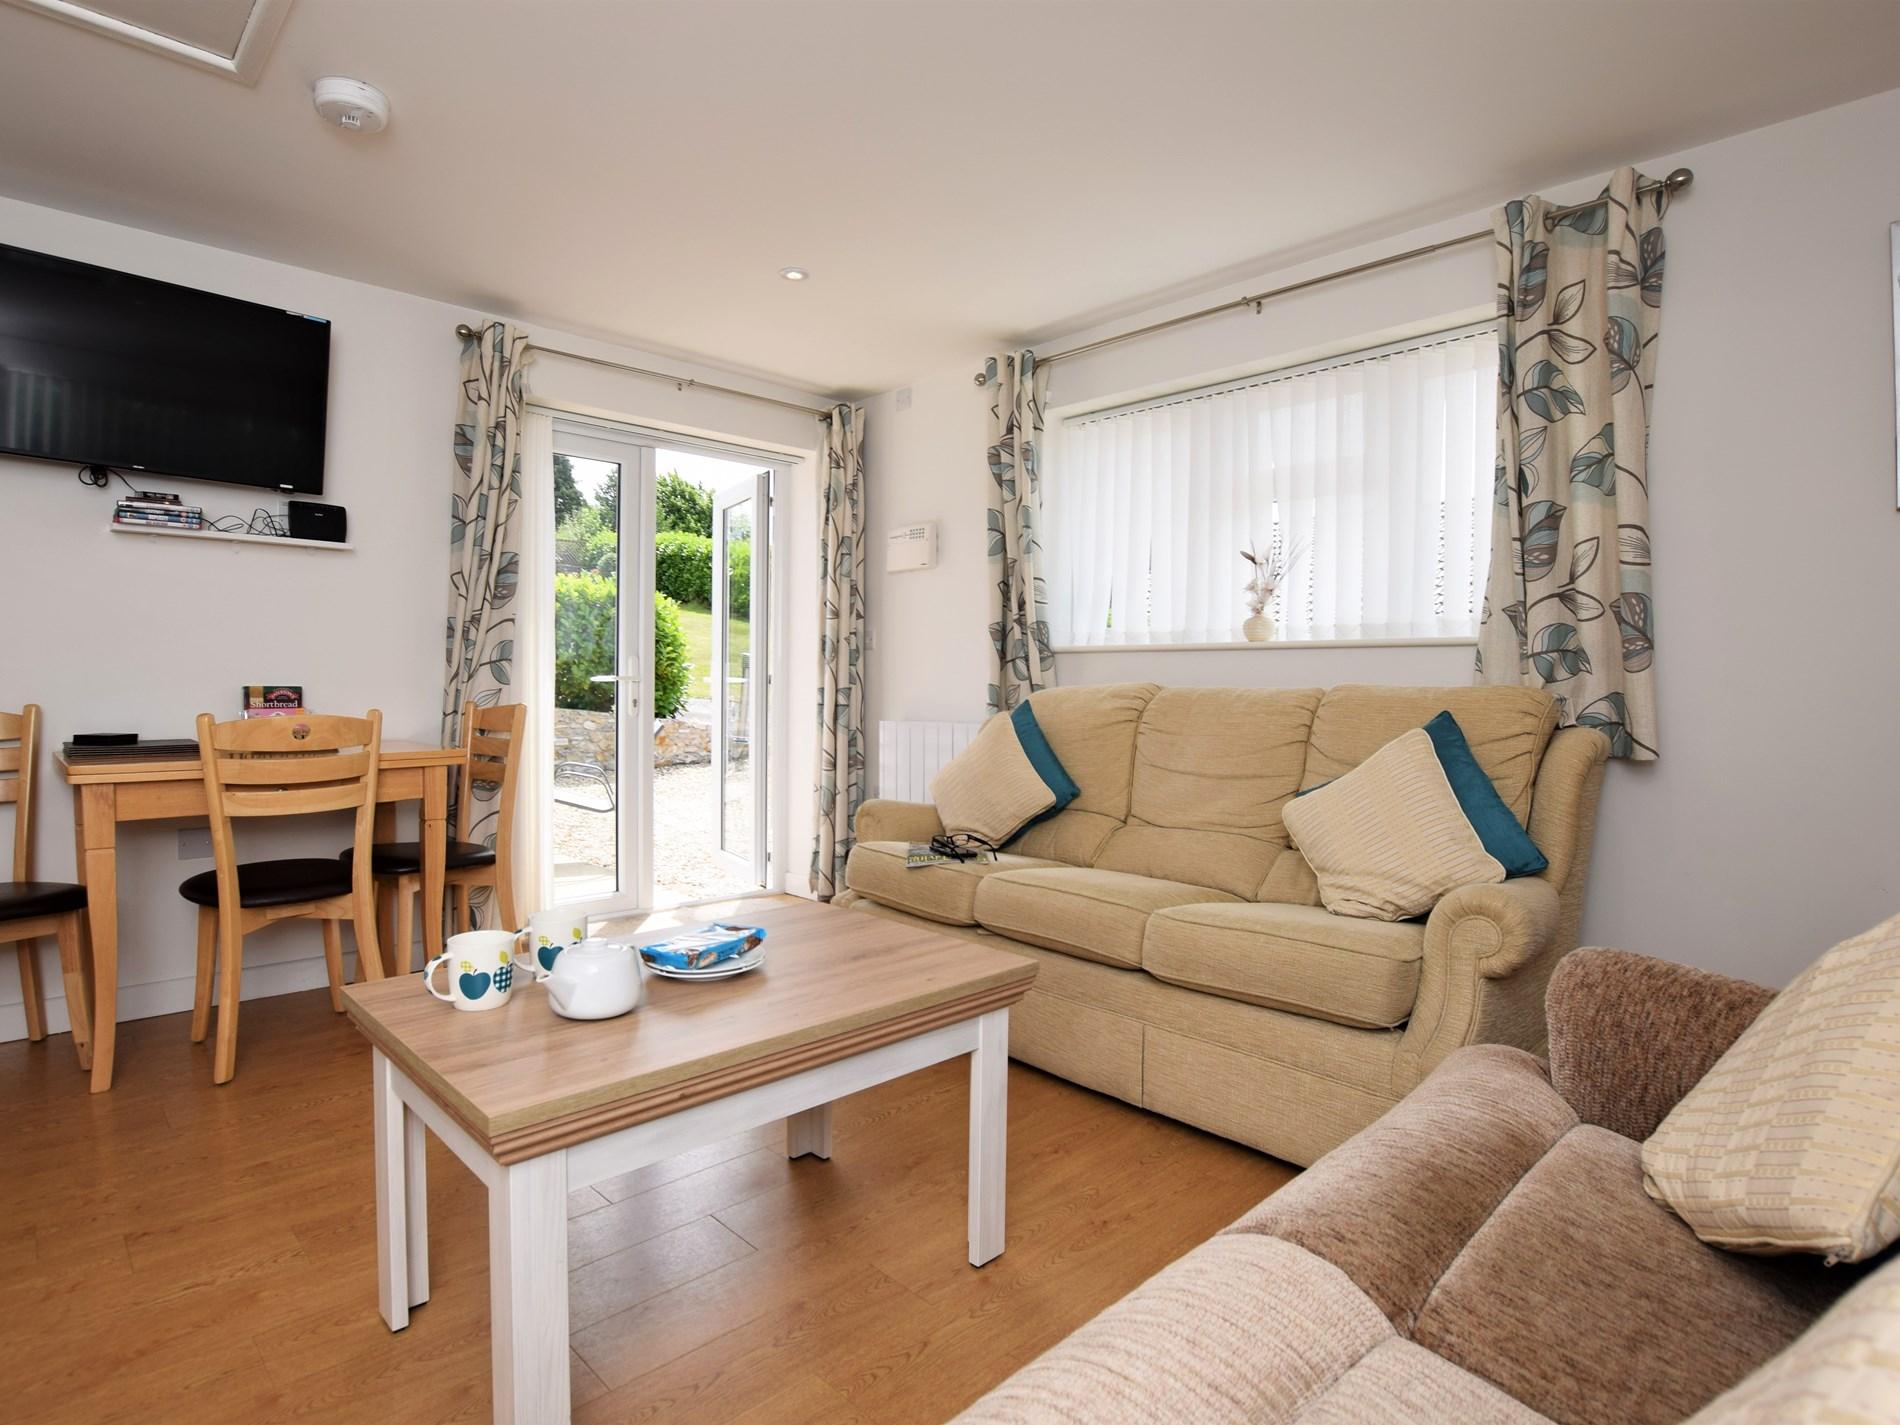 2 Bedroom Bungalow in Mid and East Devon, Devon